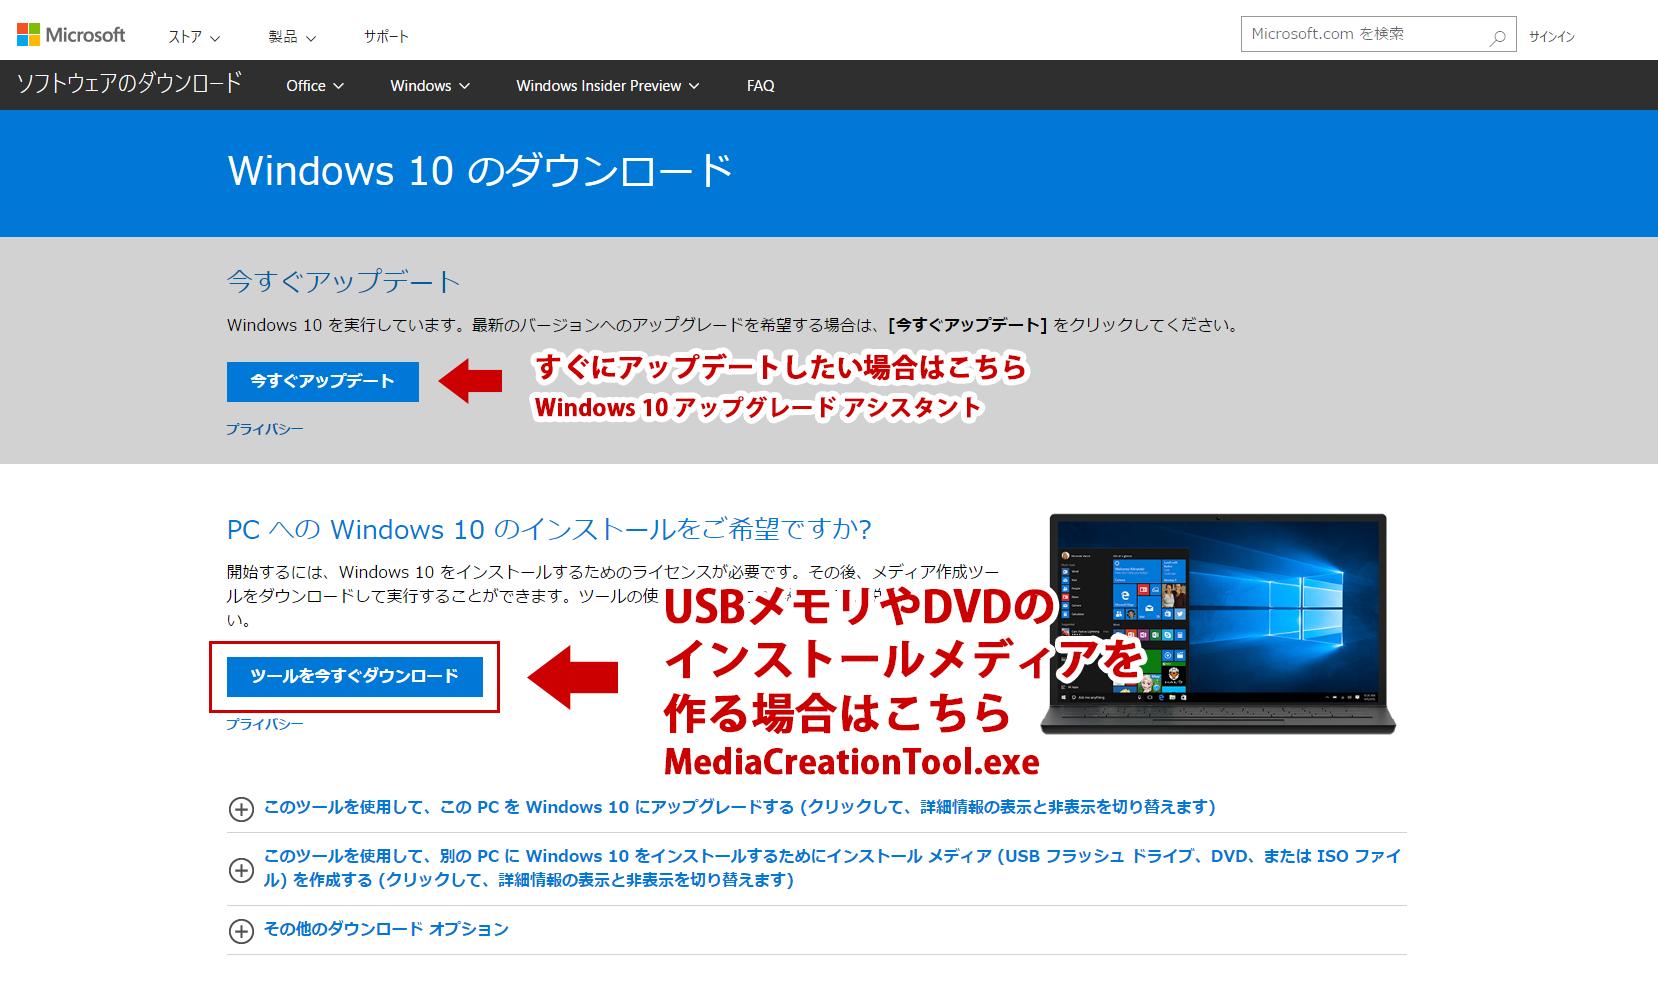 「Windows 10 のダウンロード」のページ